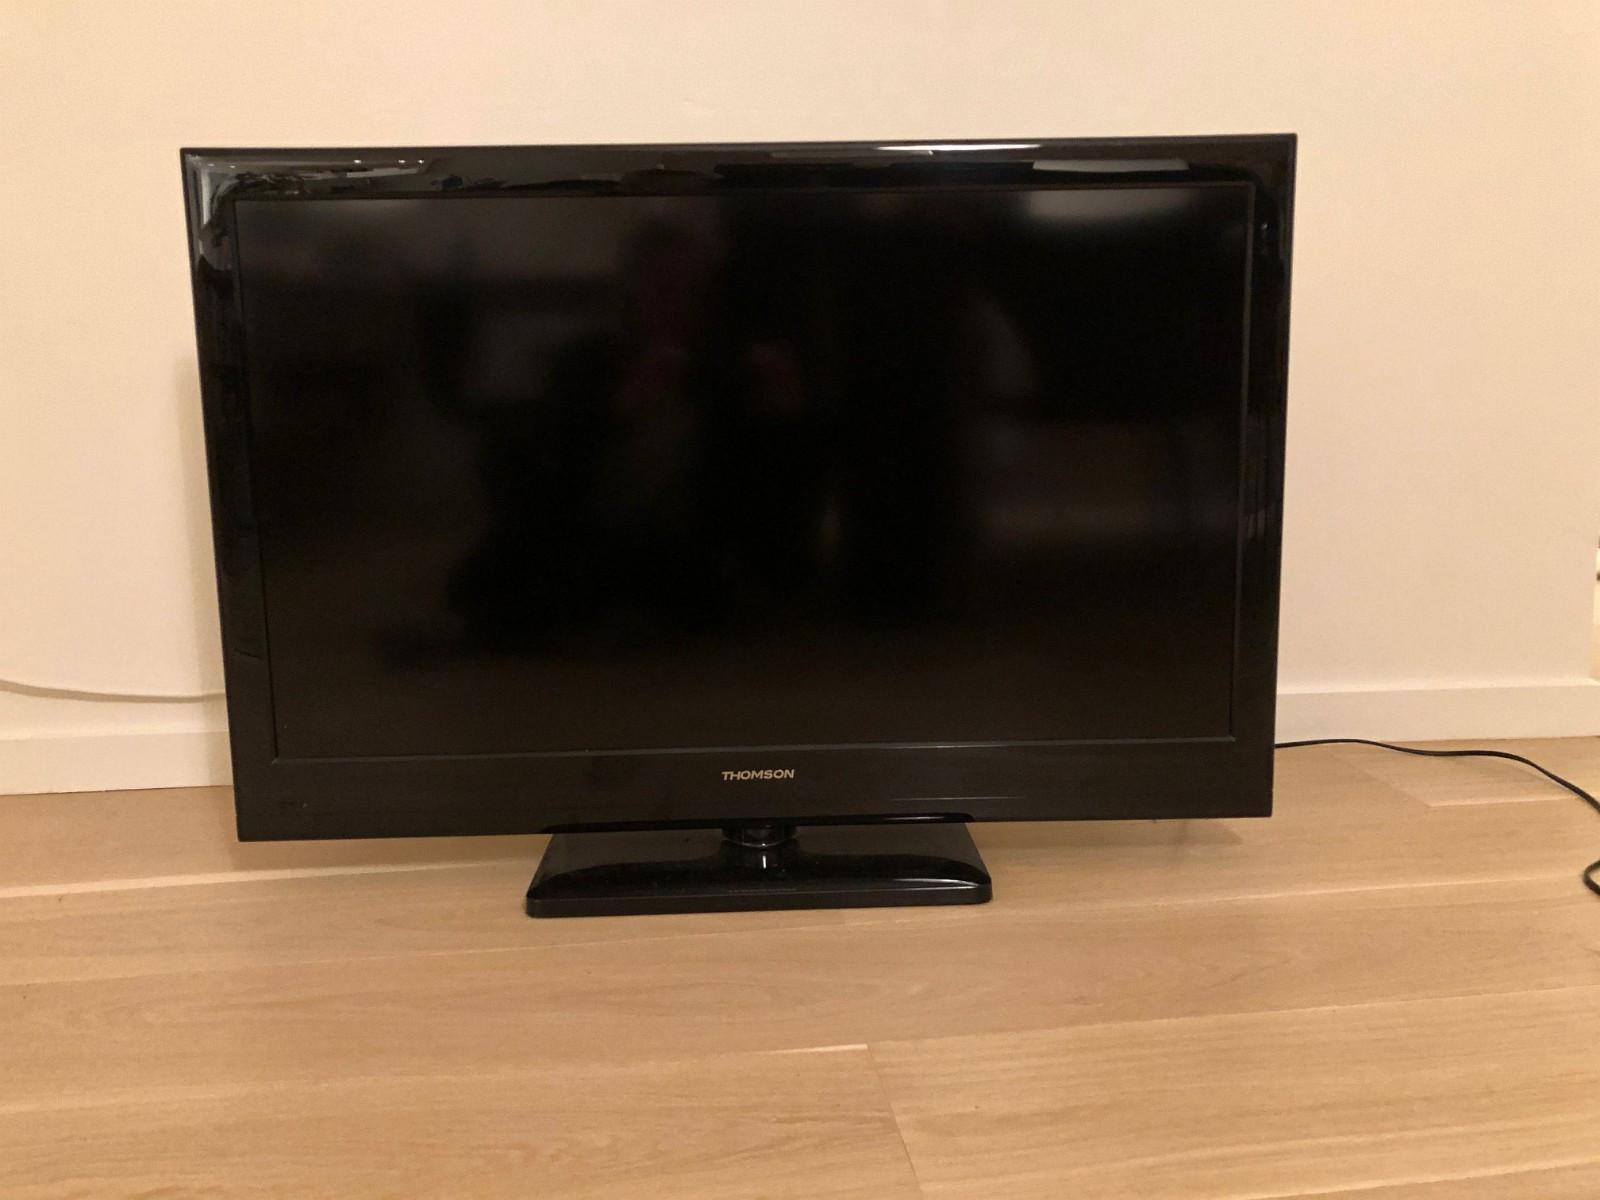 Thomson TV 40'' - Oslo  - Thomson 40'' TV med tilhørende fjernkontroll gis bort mot henting.  TVen fungerer som normalt, men den skrur seg av og til på av seg selv. - Oslo